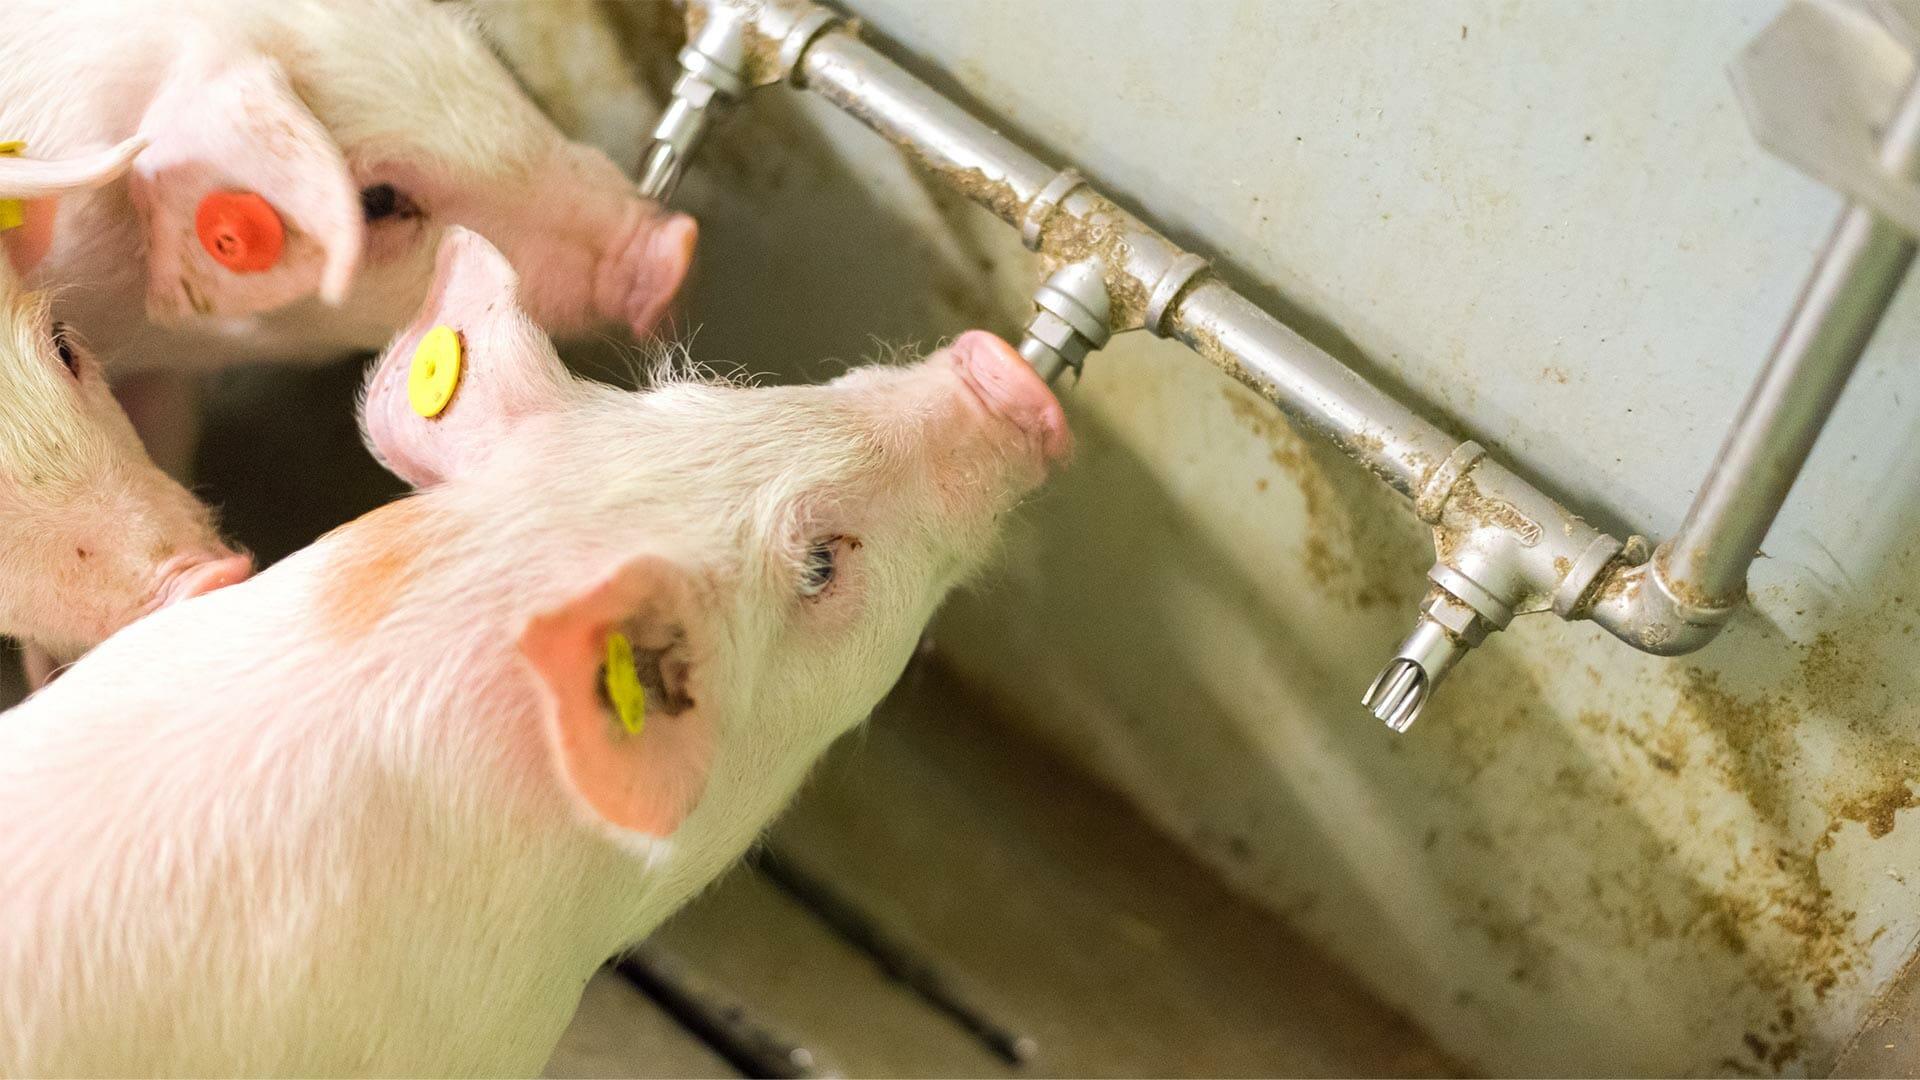 Dióxido de Cloro, Ozônio ou Cloro - Qual o melhor método para tratar a água?